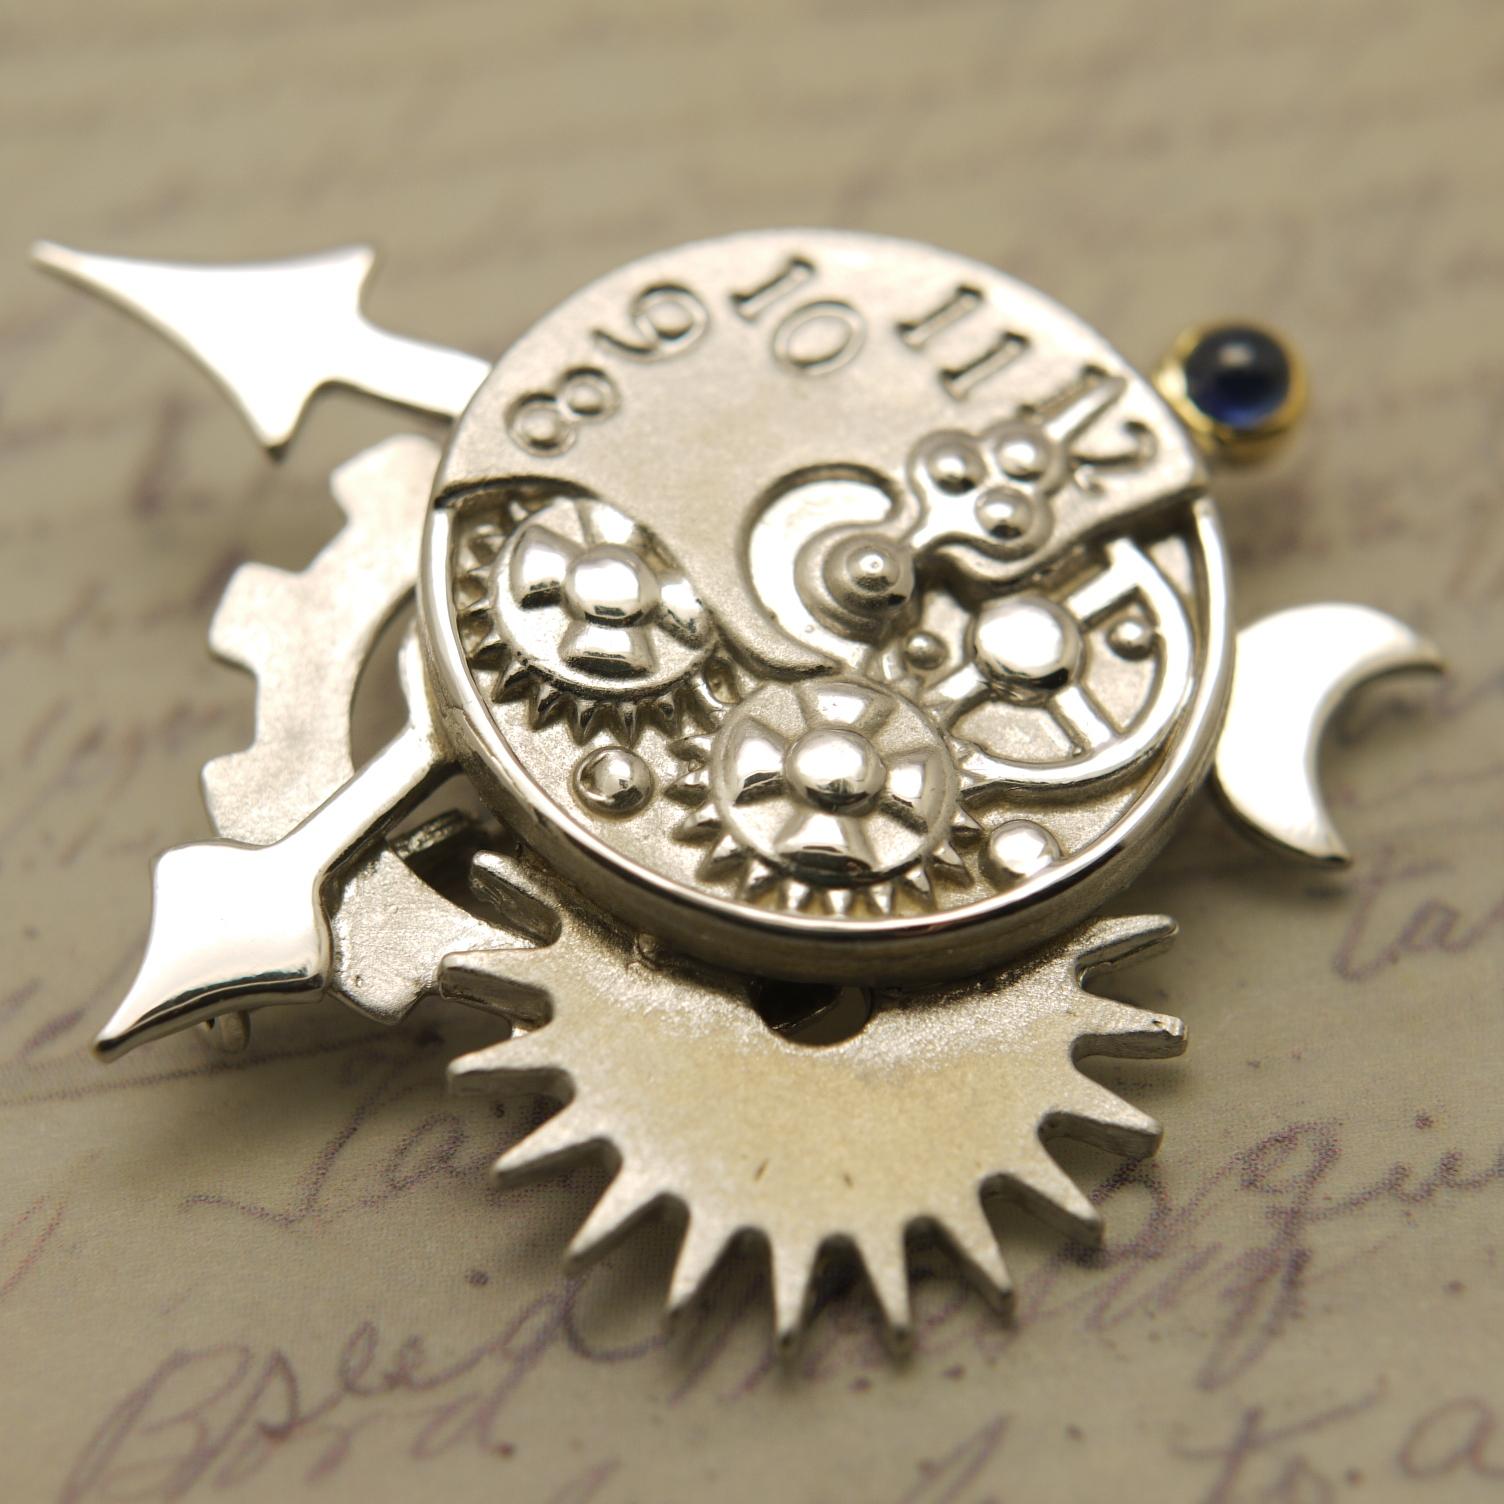 スチームパンク風に時計と歯車をベースにデザインしたペンダント&ブローチ